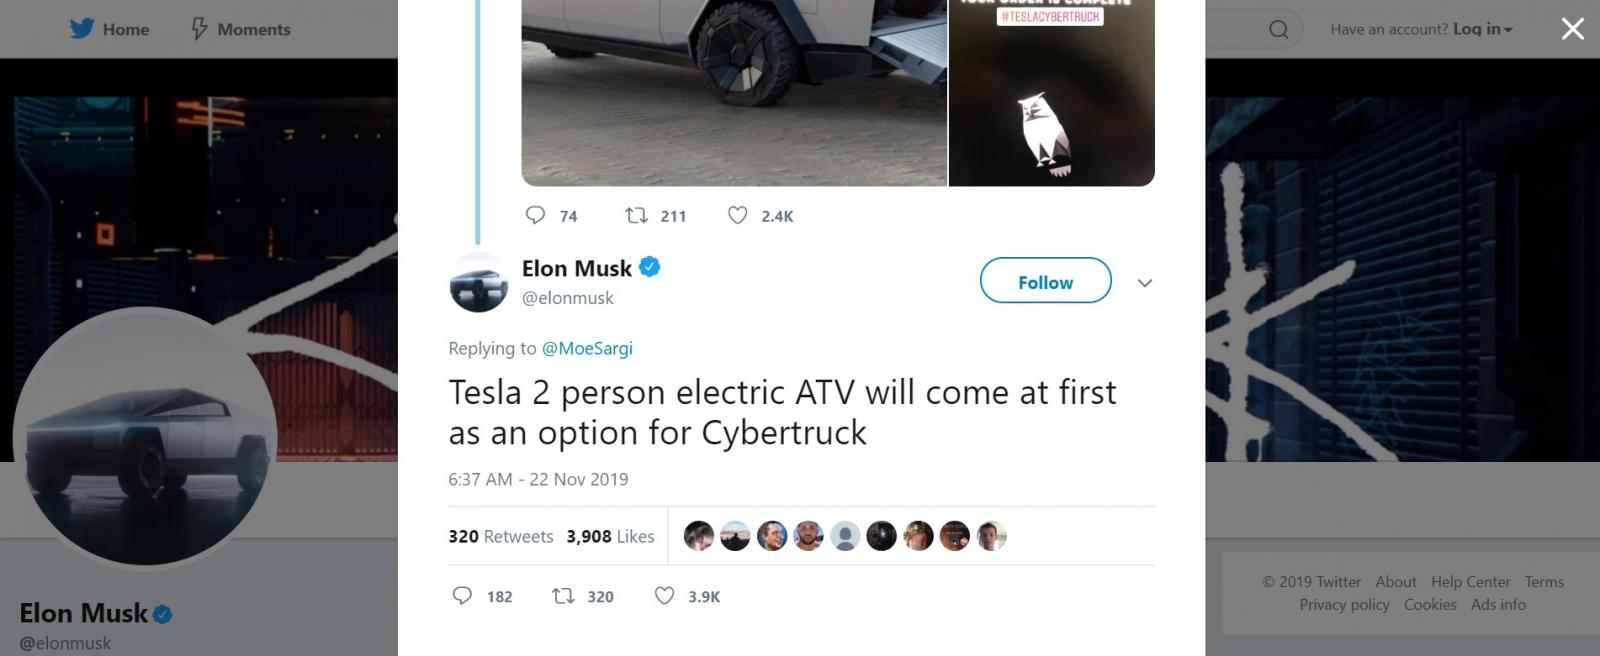 Tesla Cyberquad Twitter